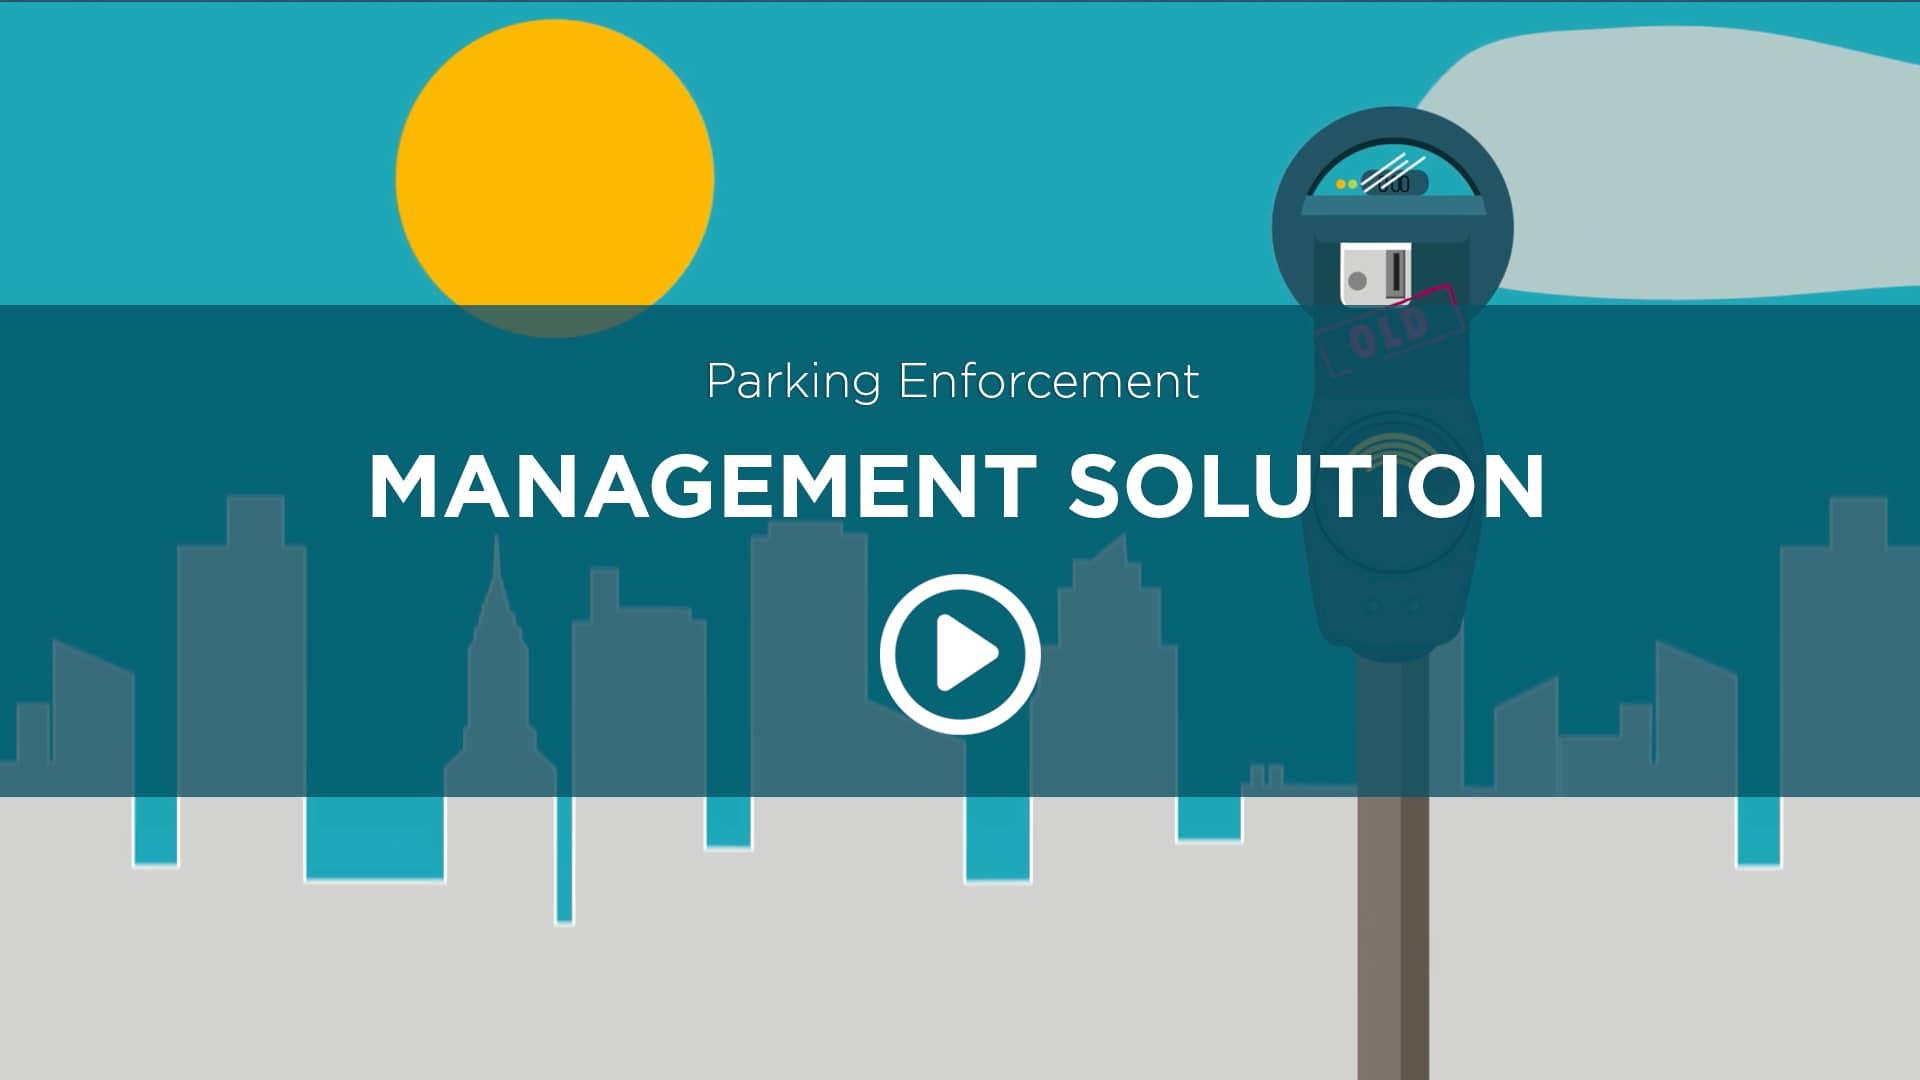 Parking Enforcement Management Solution